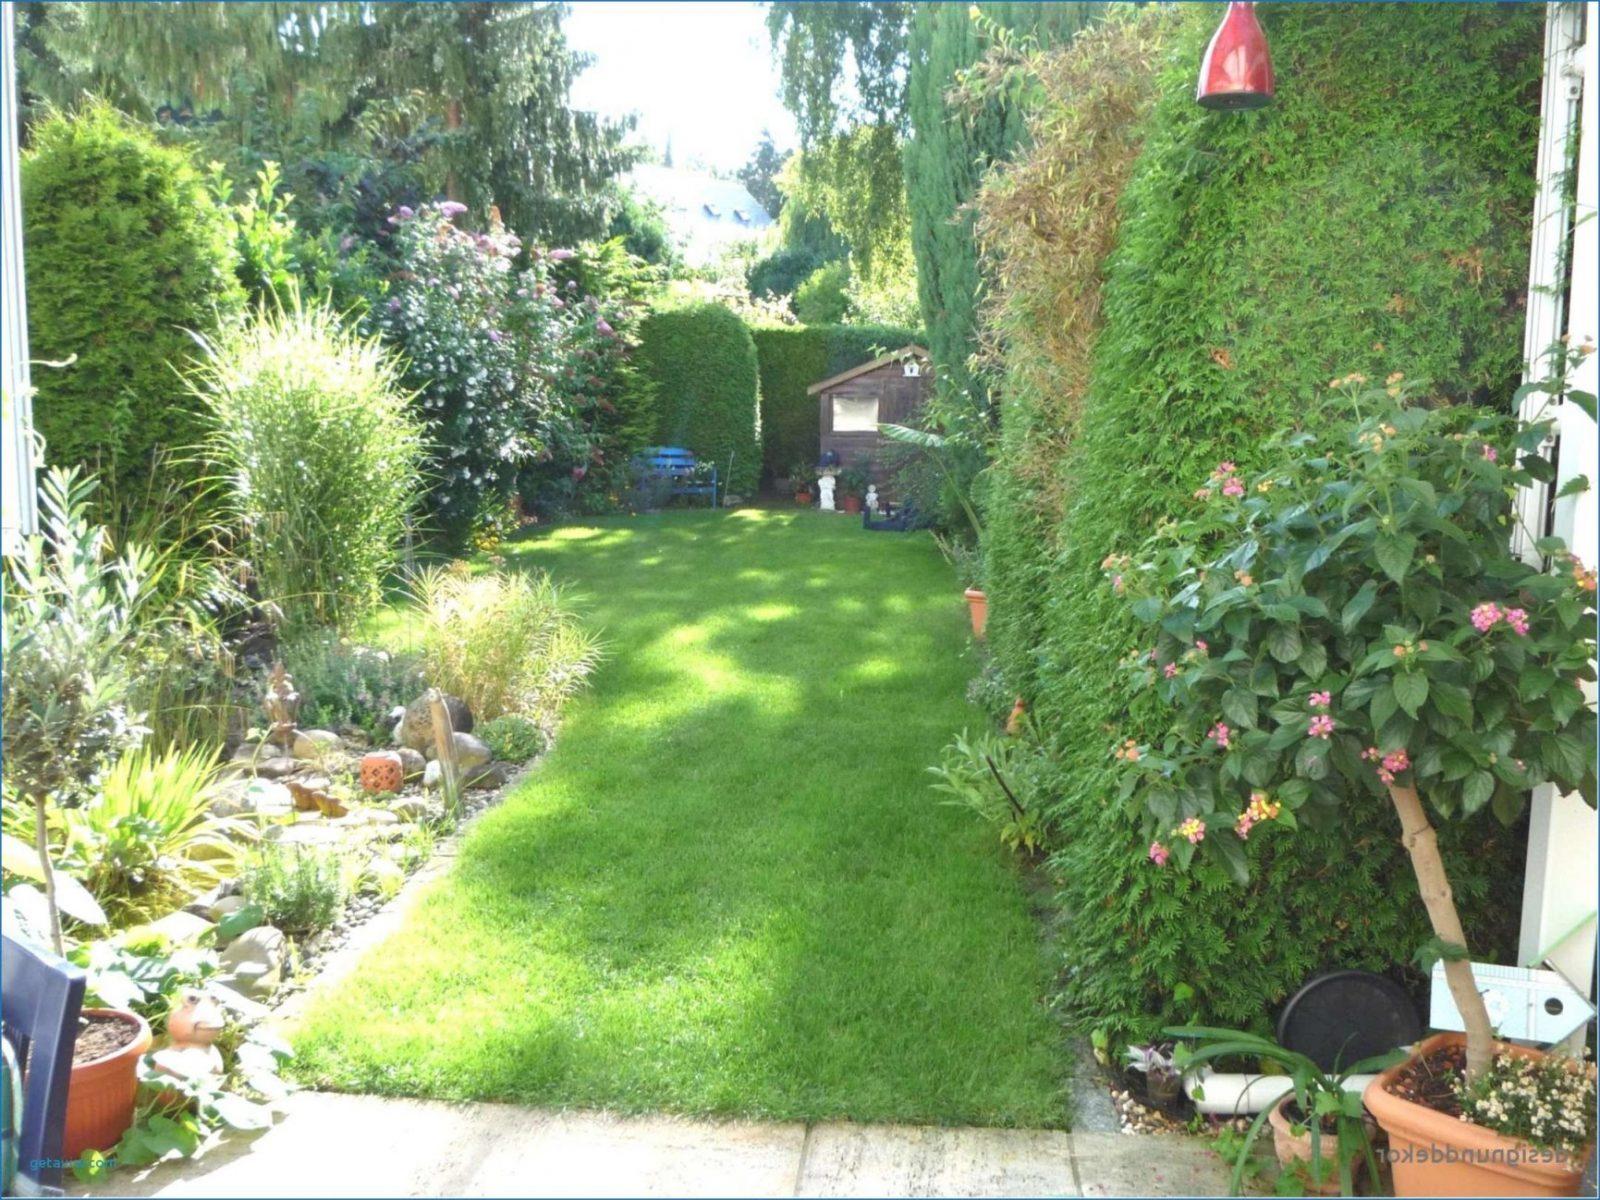 Gartengestaltung Ideen Mit Steinen Schema Von Gartengestaltung Mit von Gartengestaltung Mit Steinen Und Kies Bilder Bild